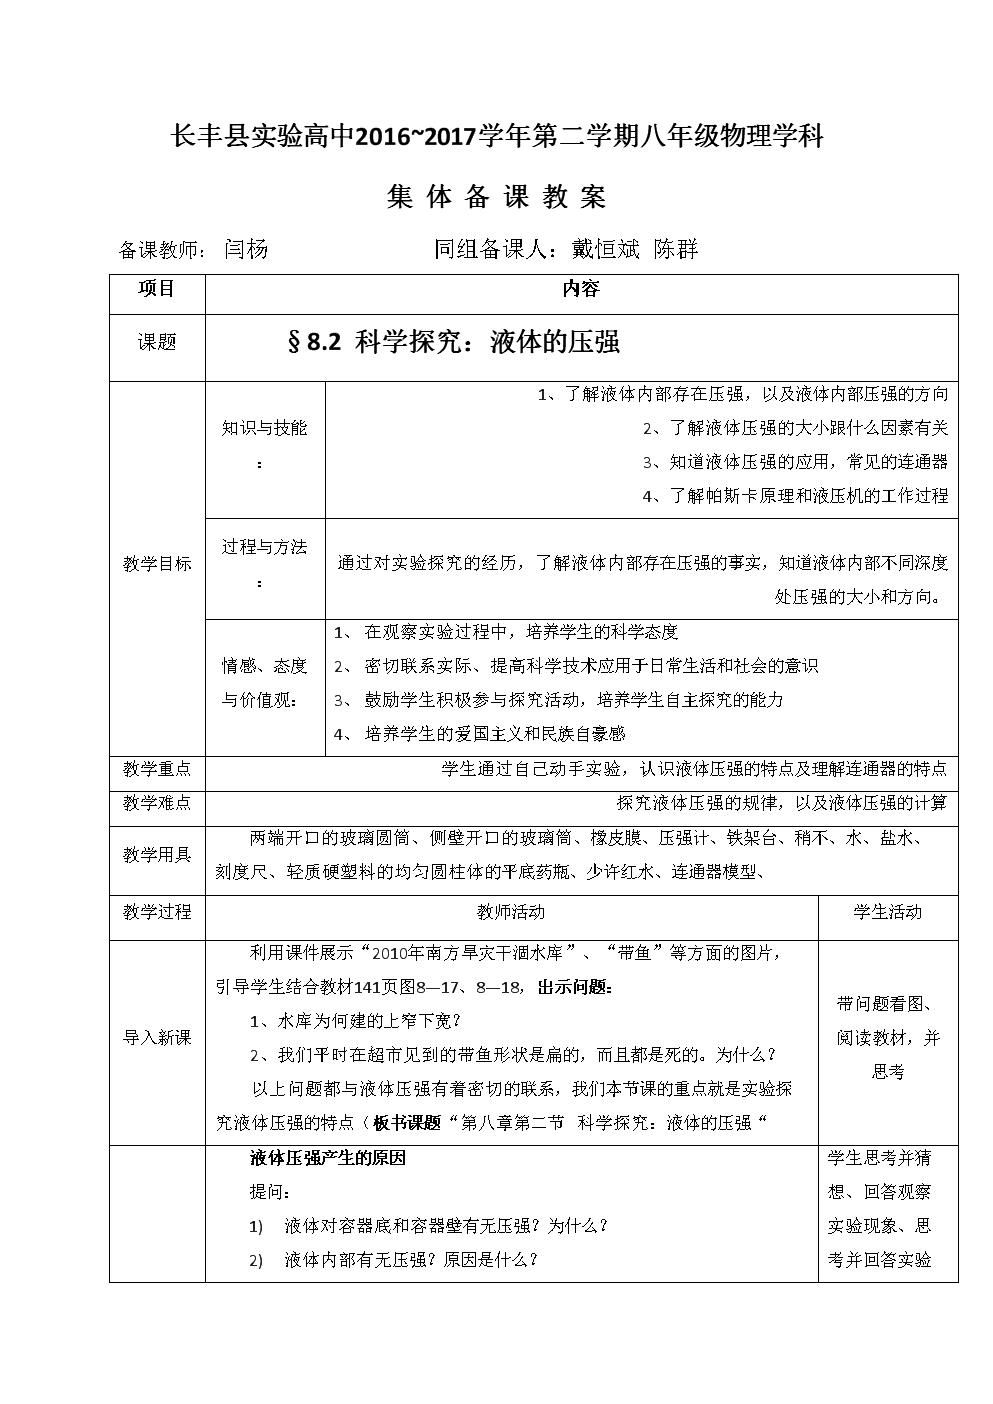 安徽省长丰县v年级高级中学八年级下册意思物理什么教案初的初中图片